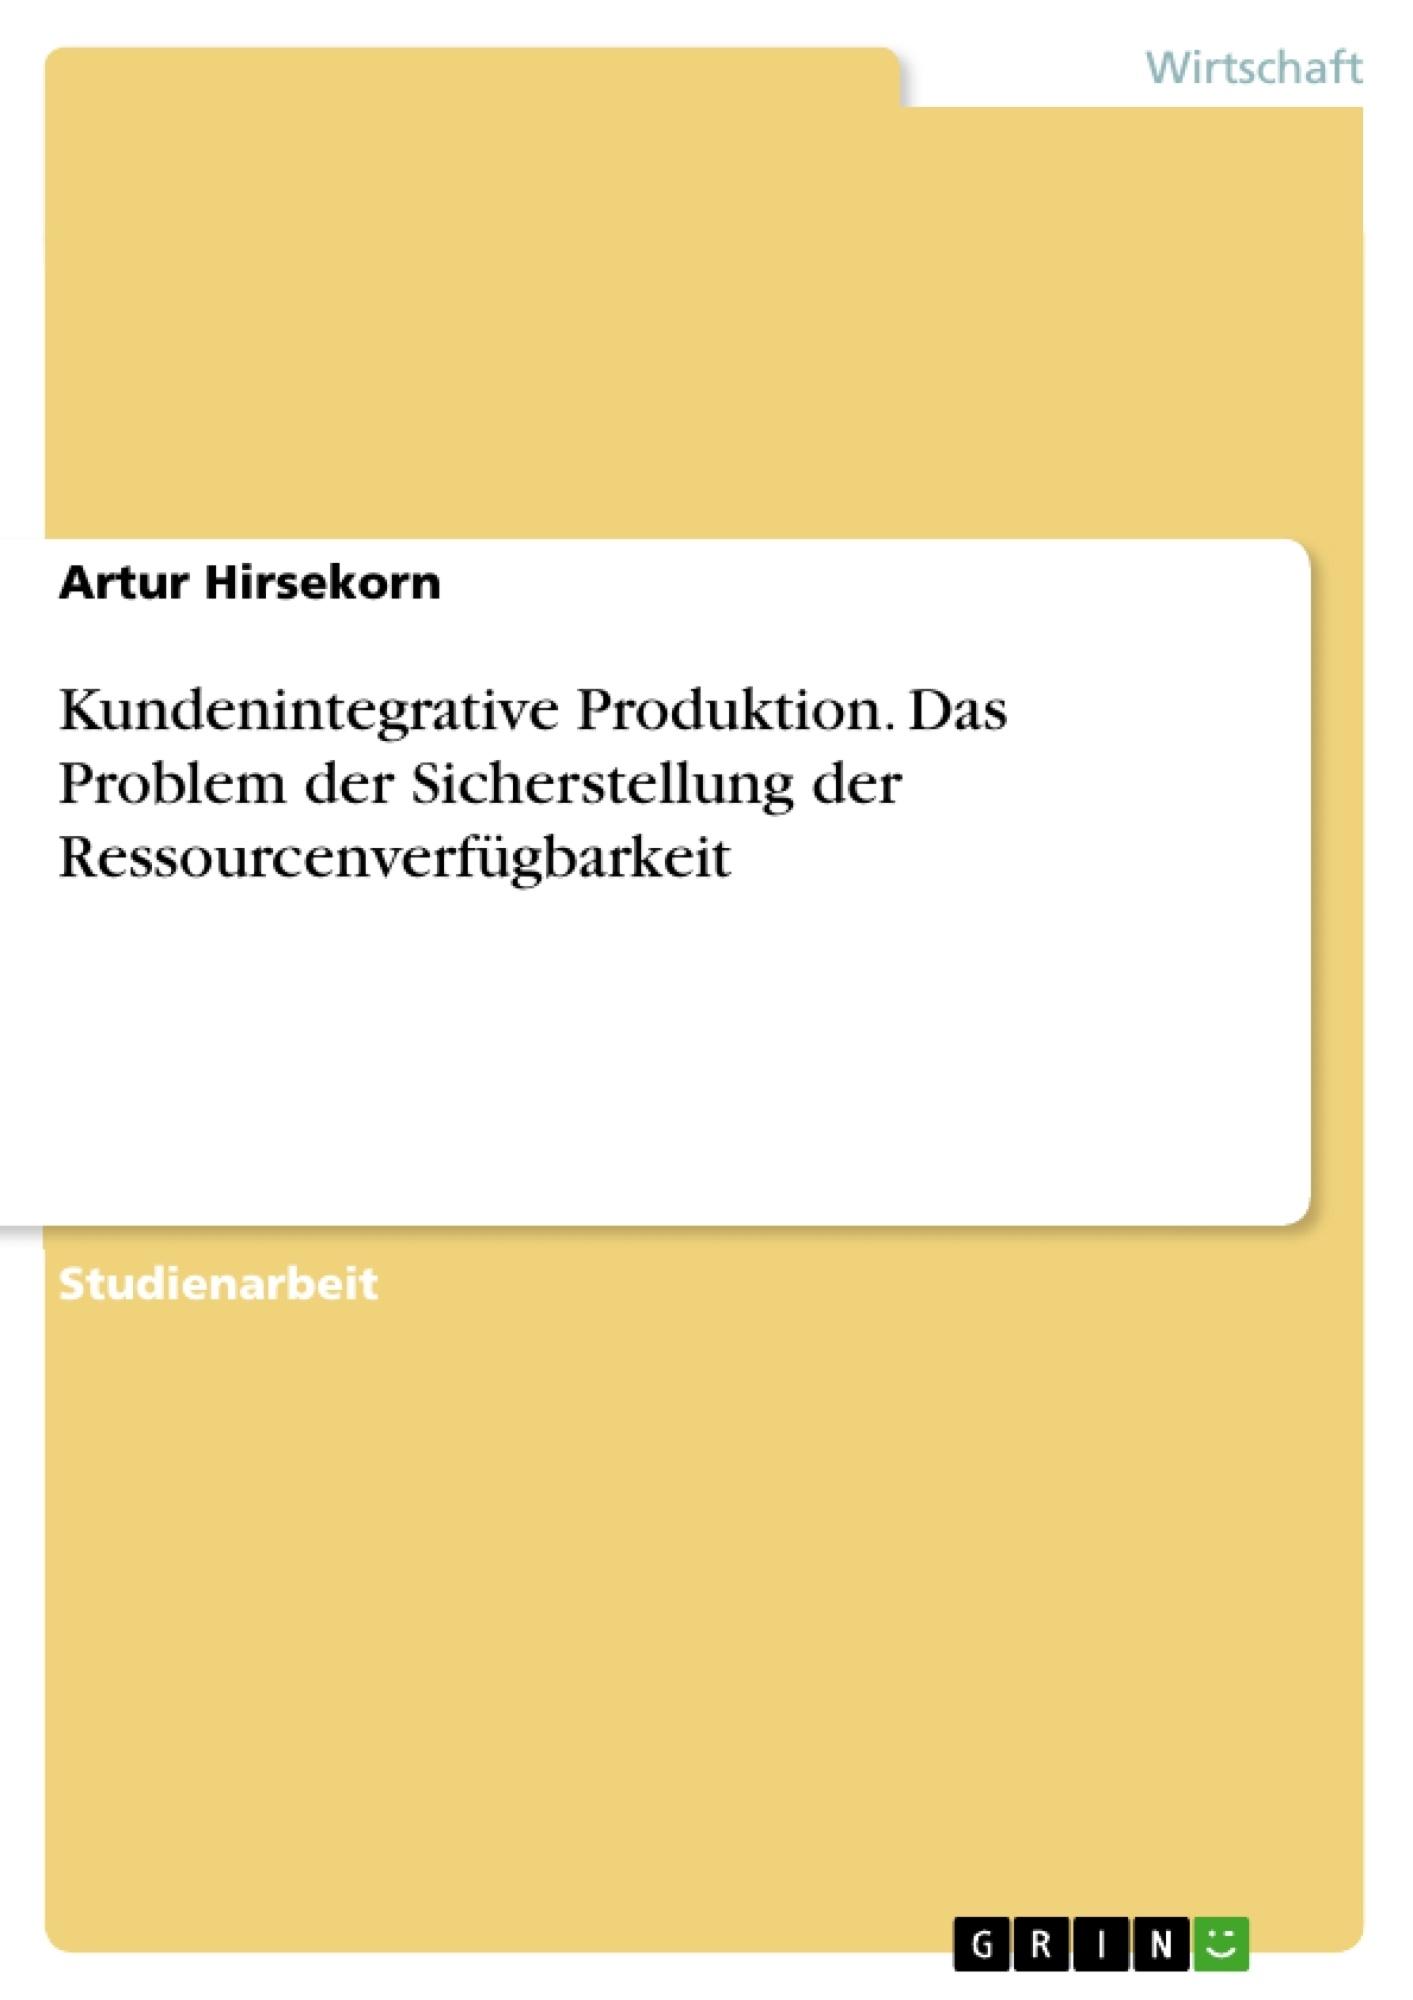 Titel: Kundenintegrative Produktion. Das Problem der Sicherstellung der Ressourcenverfügbarkeit